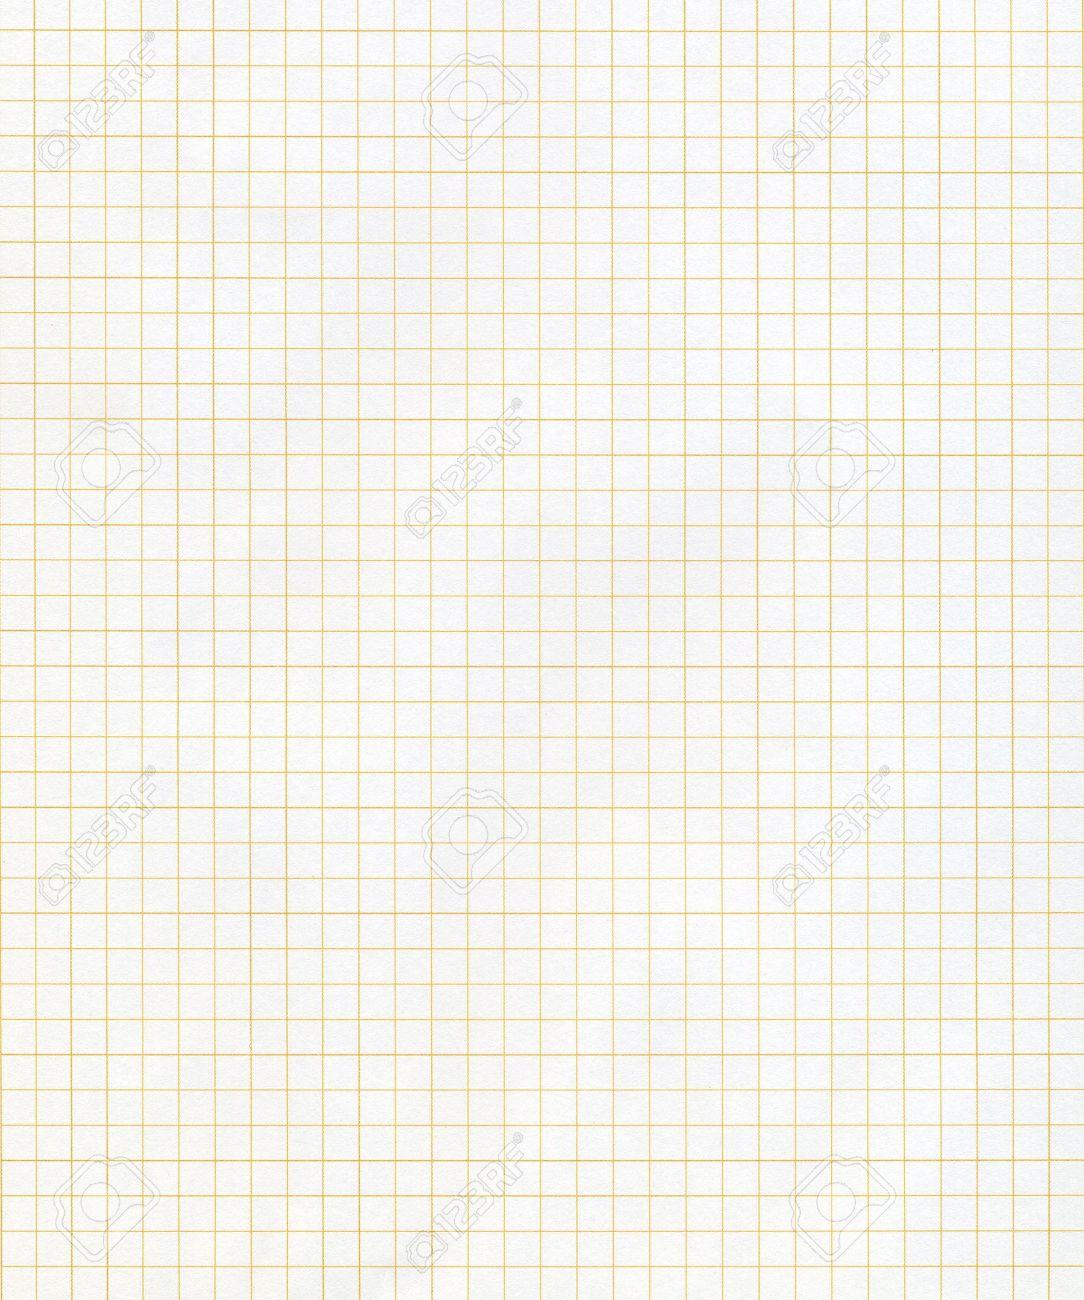 Squared graph paper, technical precision matrix supplies Stock Photo - 14989449